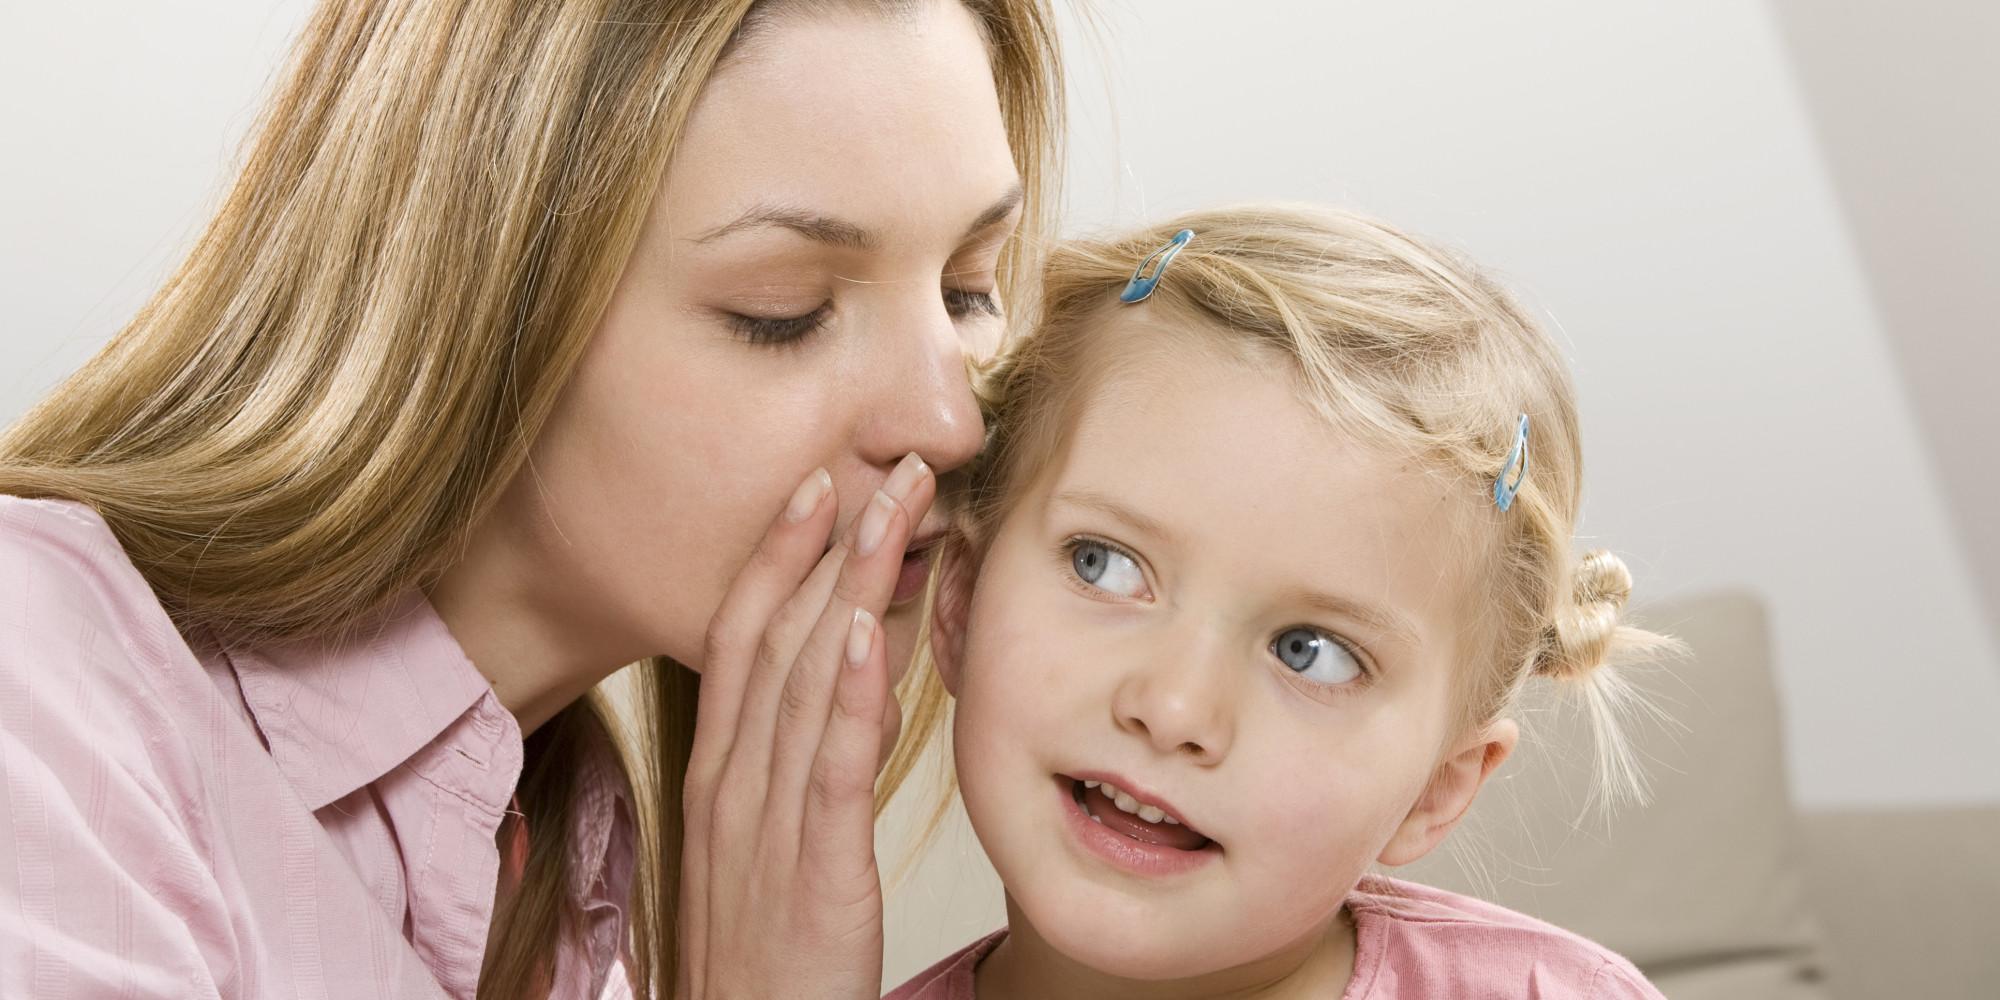 Dạy con kỹ năng sống, dù có bận đến mấy xin cha mẹ đừng bỏ qua!